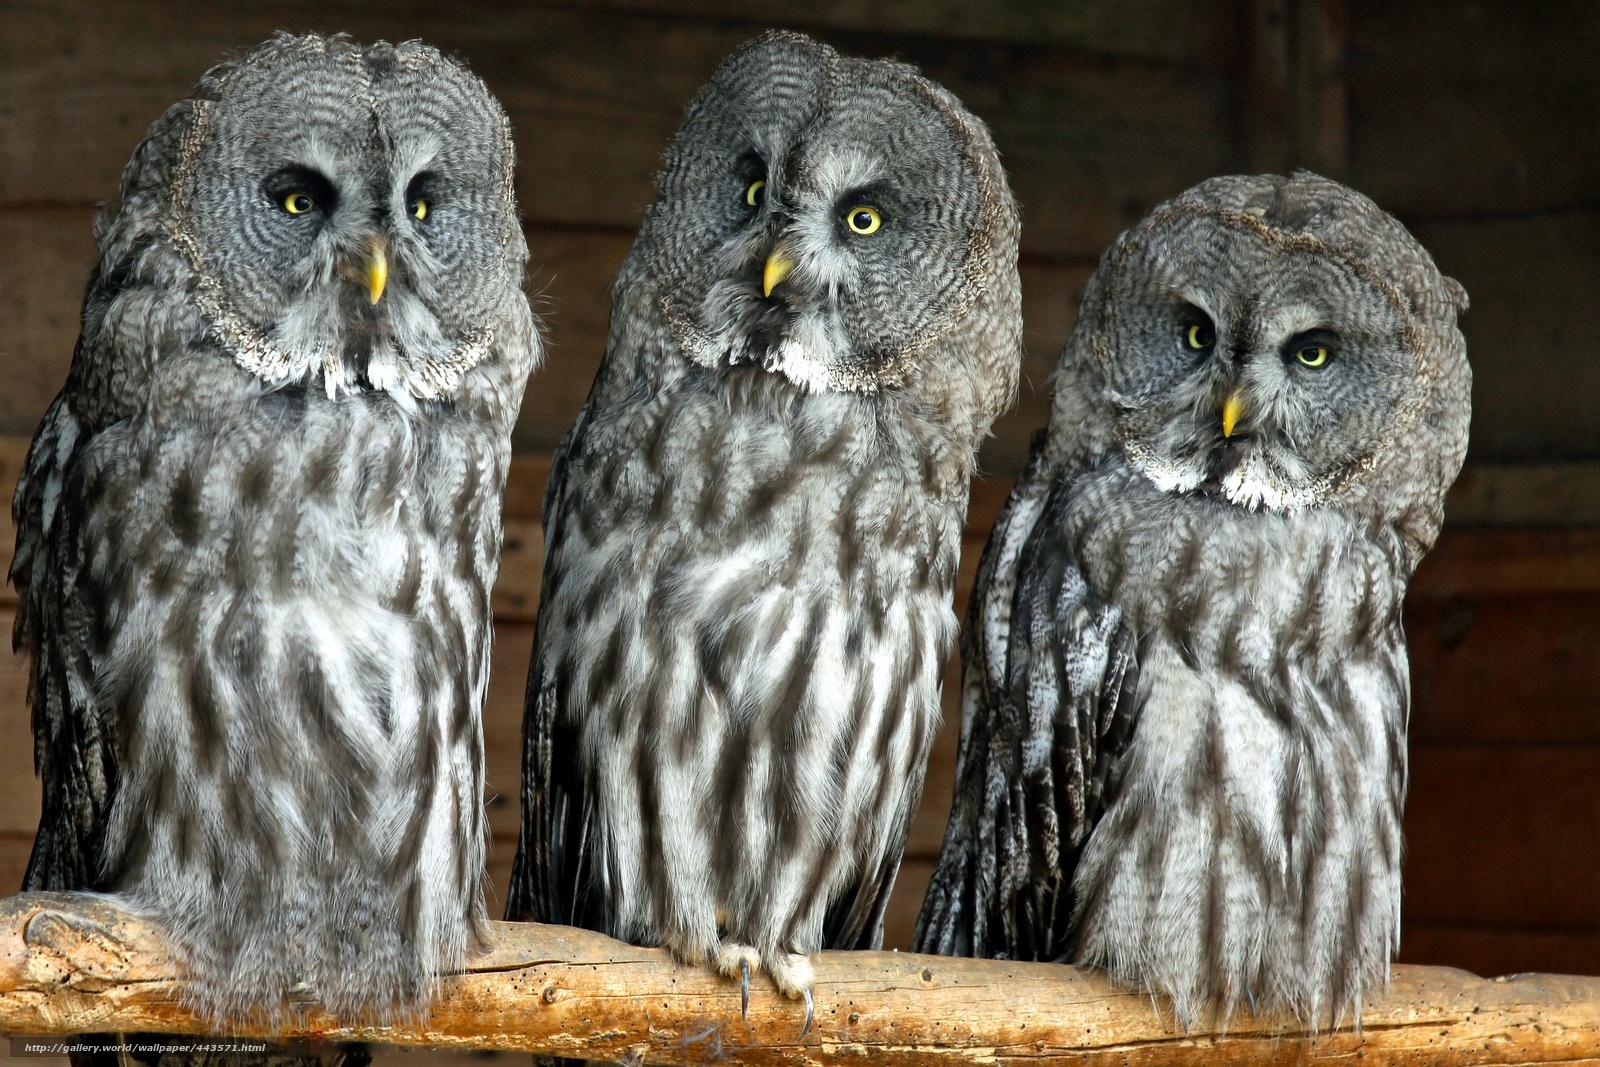 Tlcharger Fond d'ecran Grey Owl, chouette lapone, Laponie ...